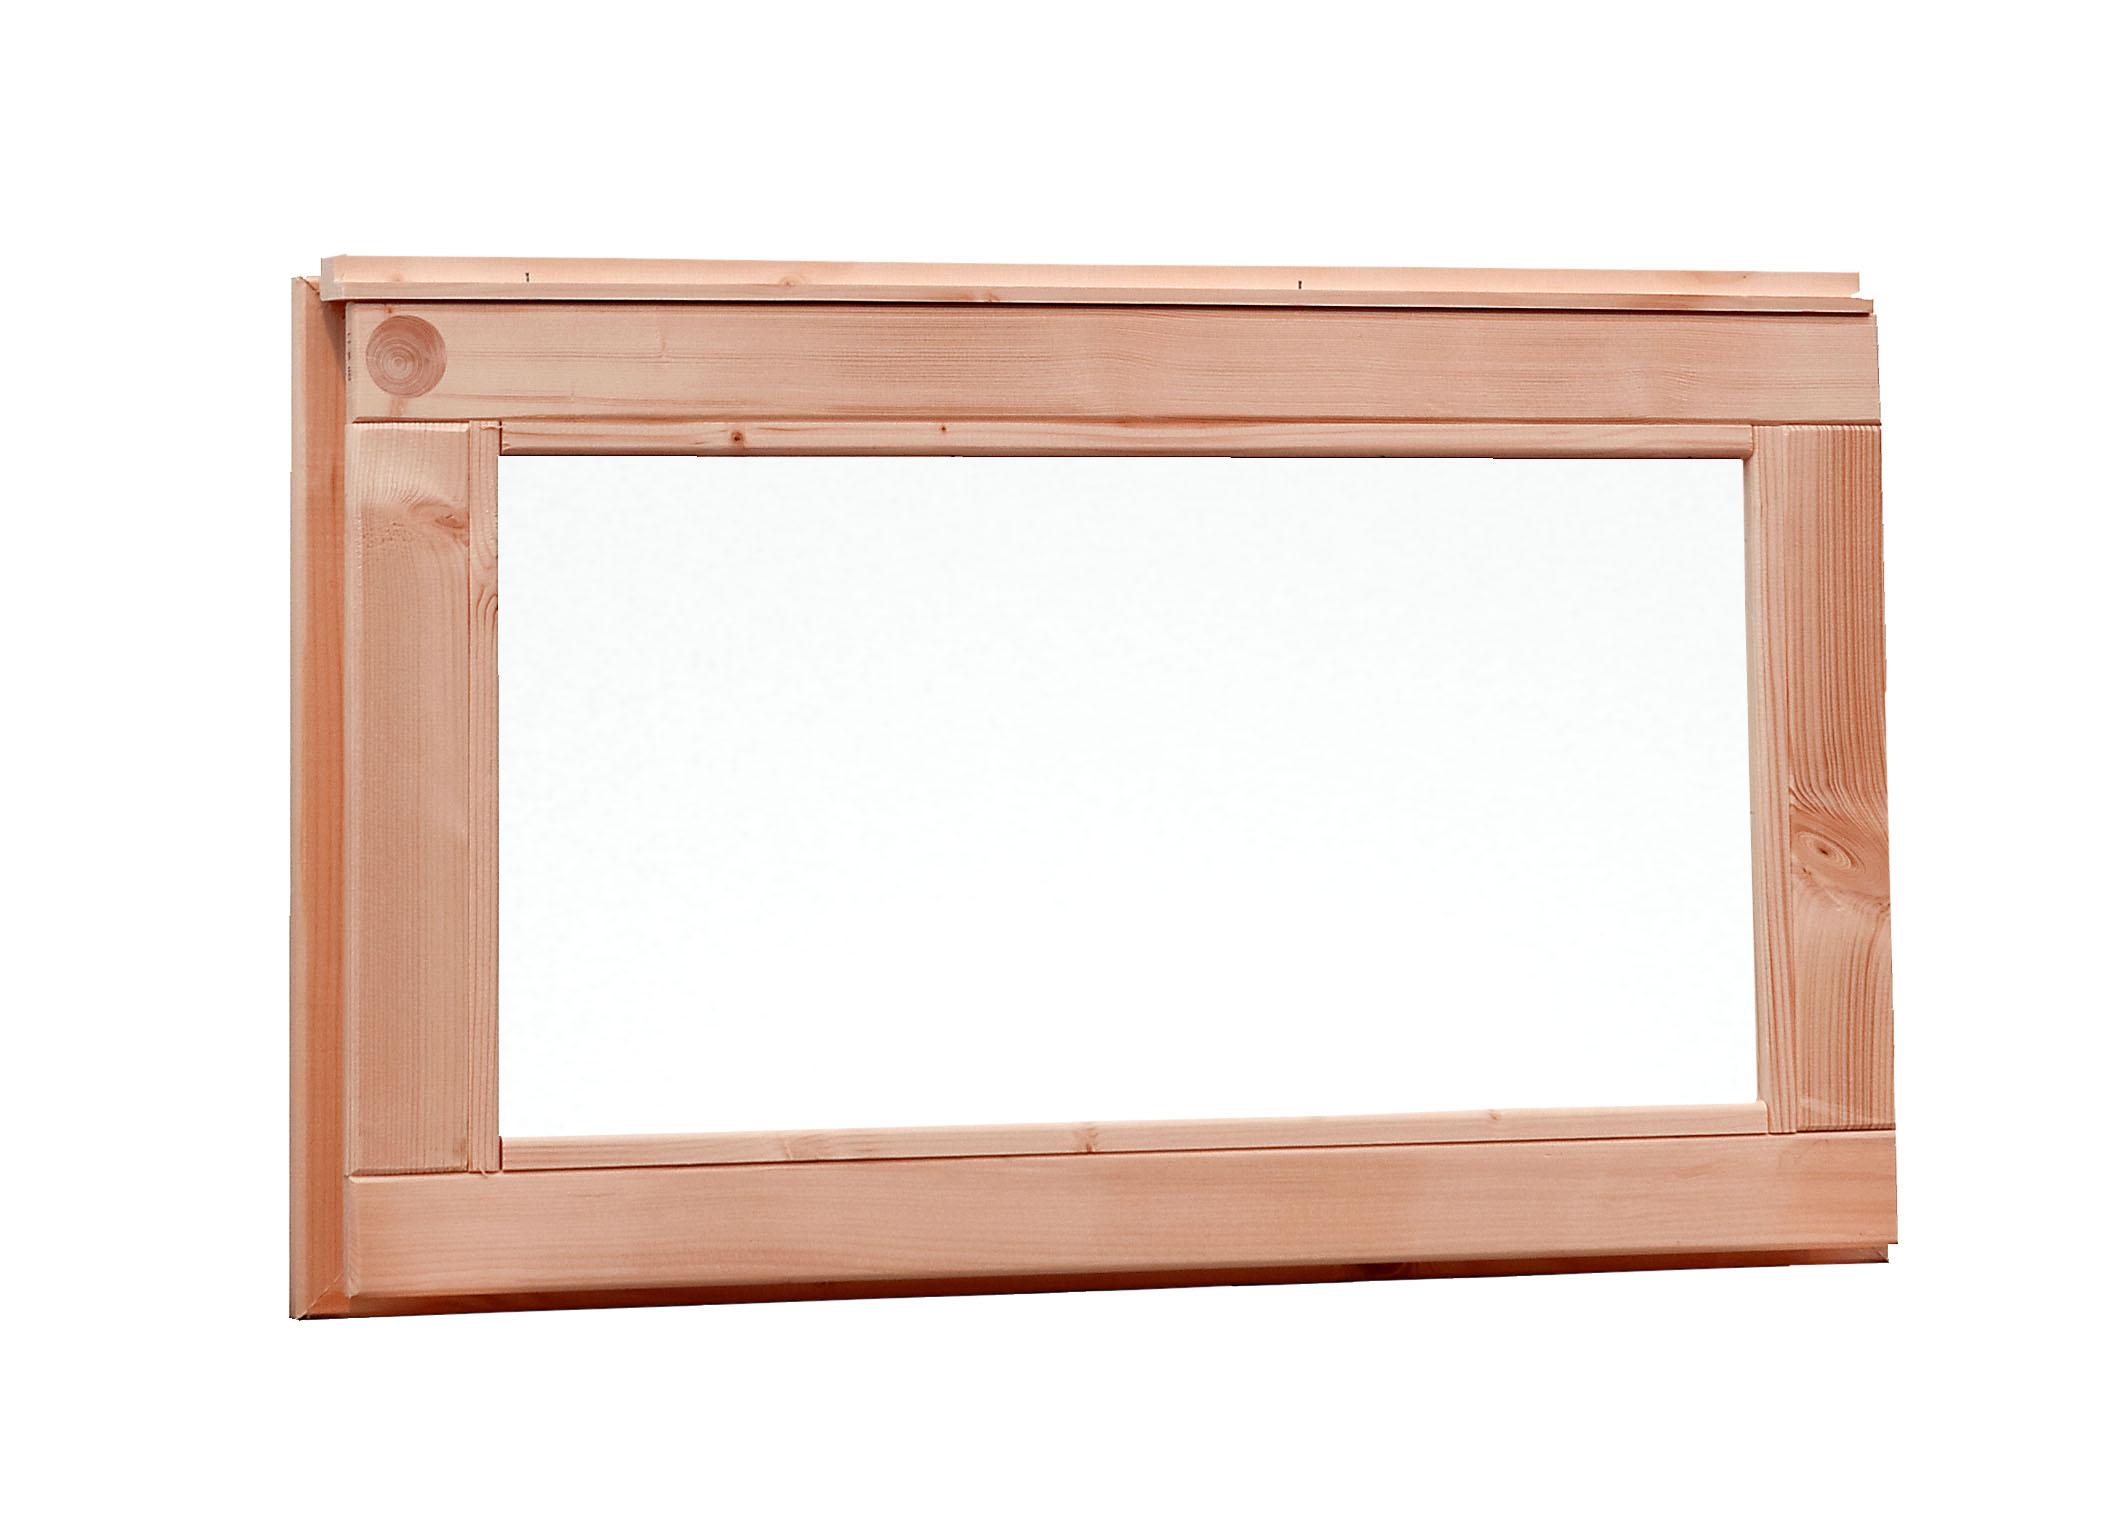 Kühlkamp Vast raam met melkglas, buitenmaat 72 x 40 cm, douglas - groen geïmpregneerd